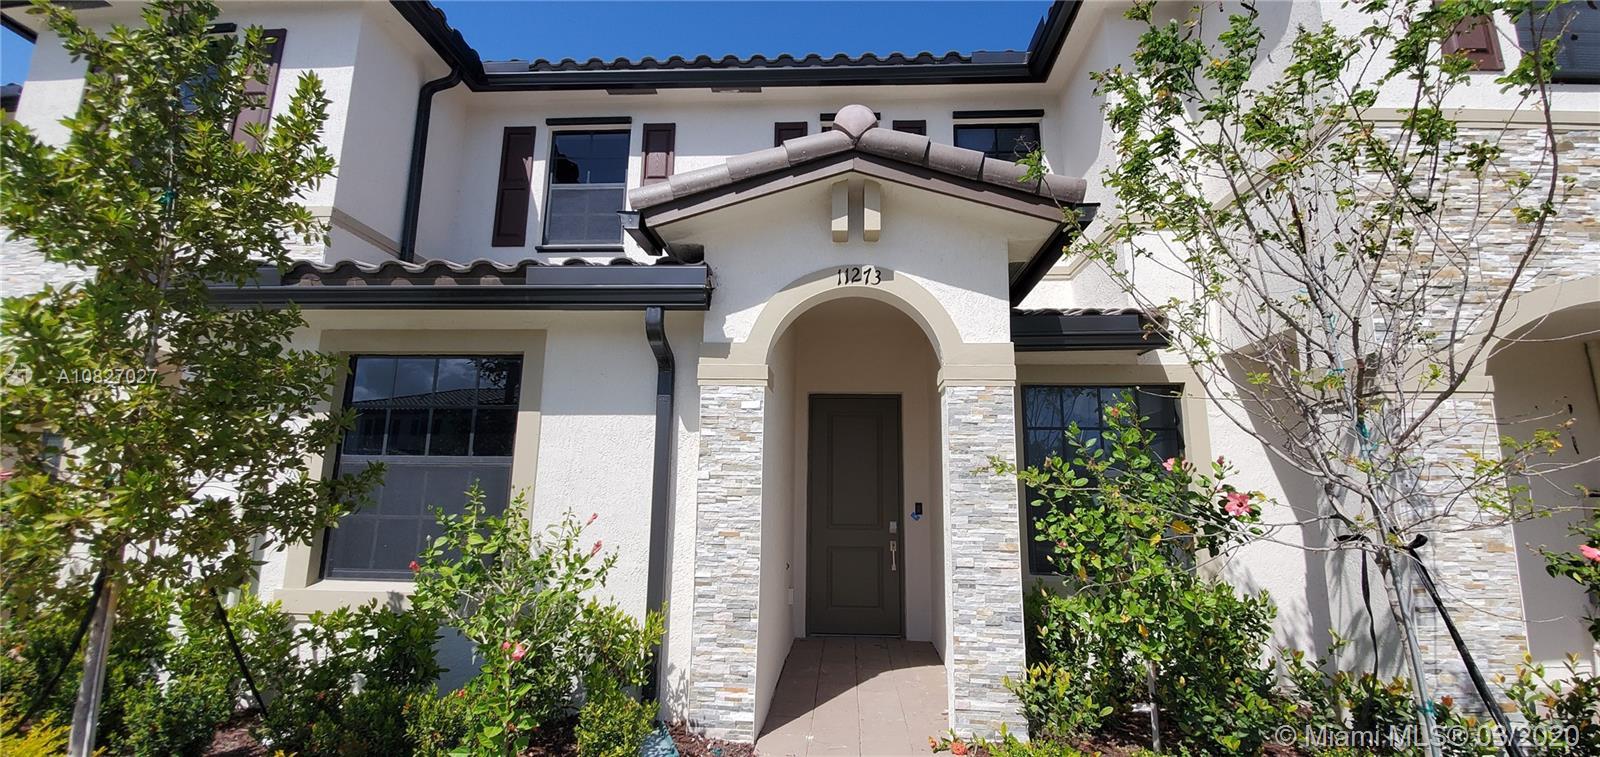 11273 SW 249th St, Miami, FL 33032 - Miami, FL real estate listing